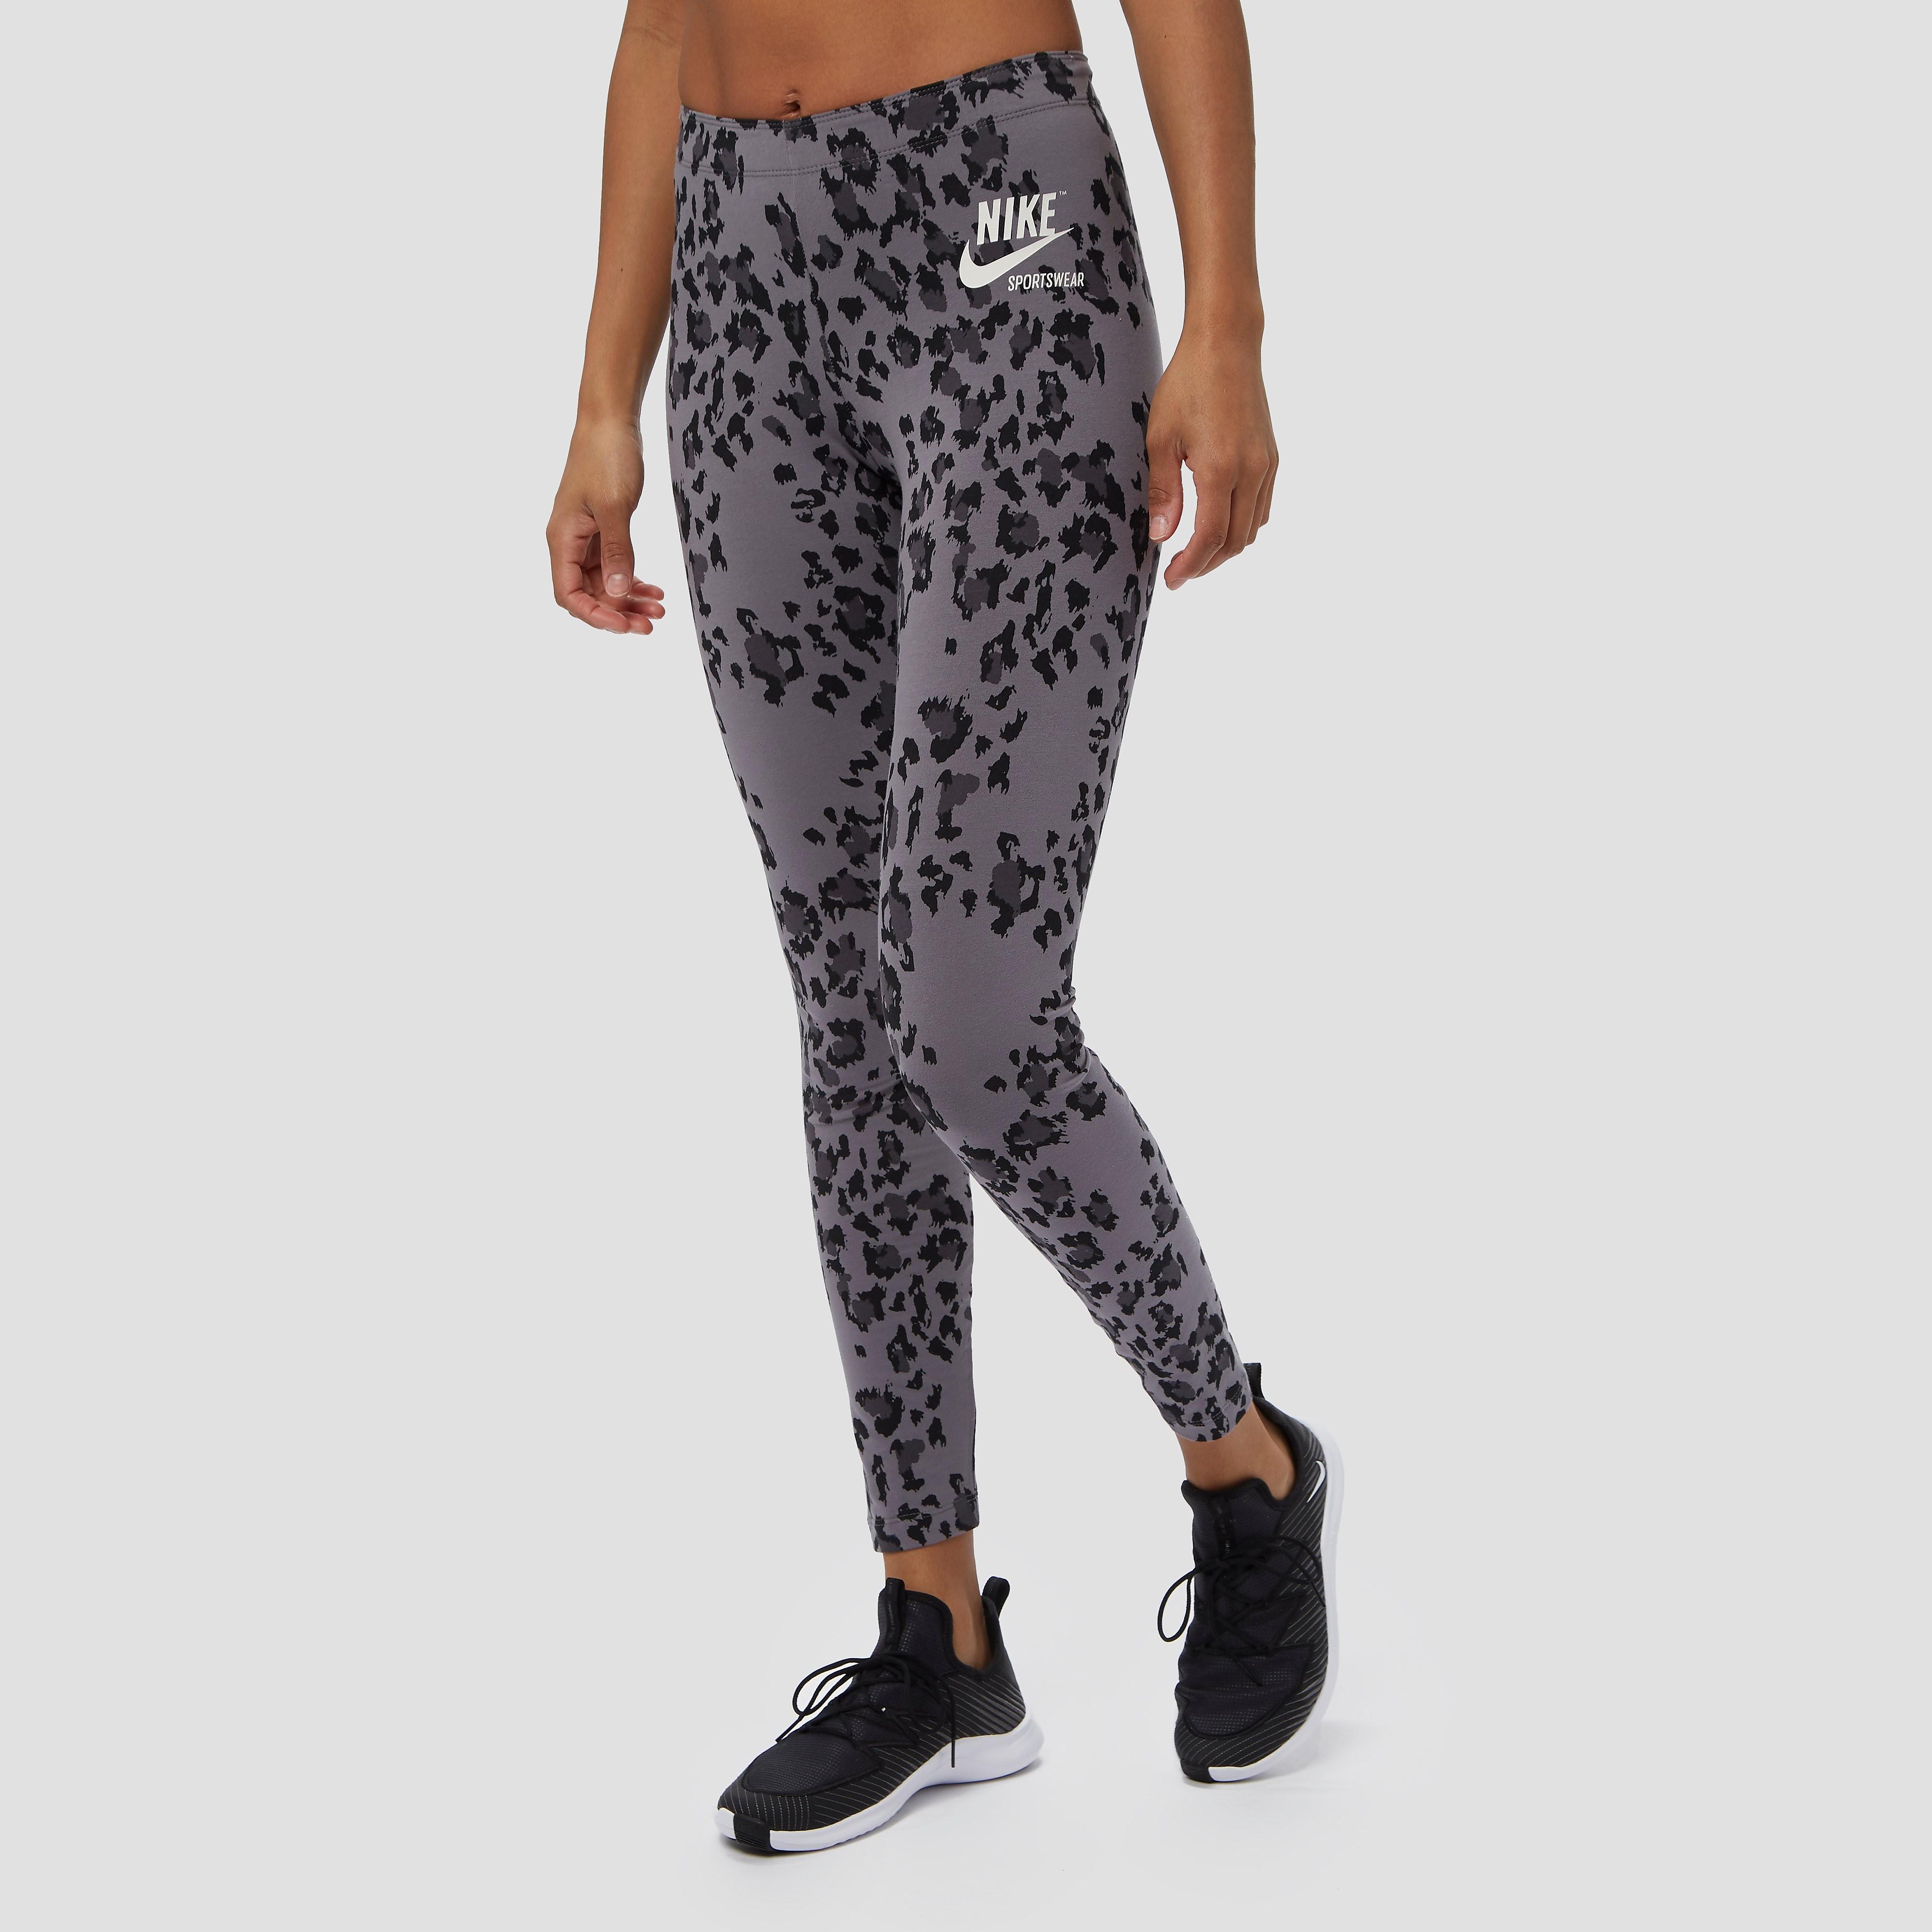 Sportswear leopard tight grijs/zwart dames